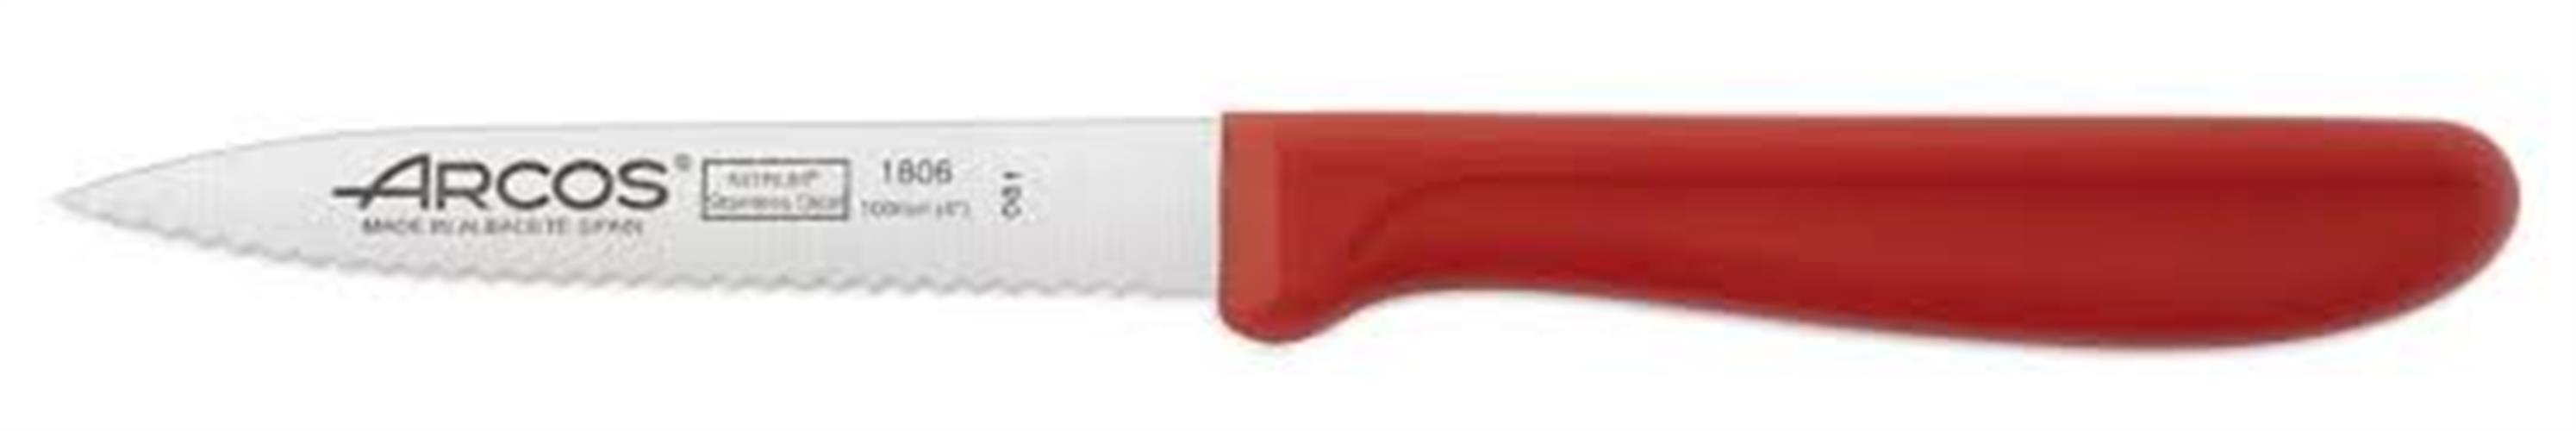 """סכין ירקות משוננת 10 ס""""מ יד' פלסטיק אדומה ARCOS"""